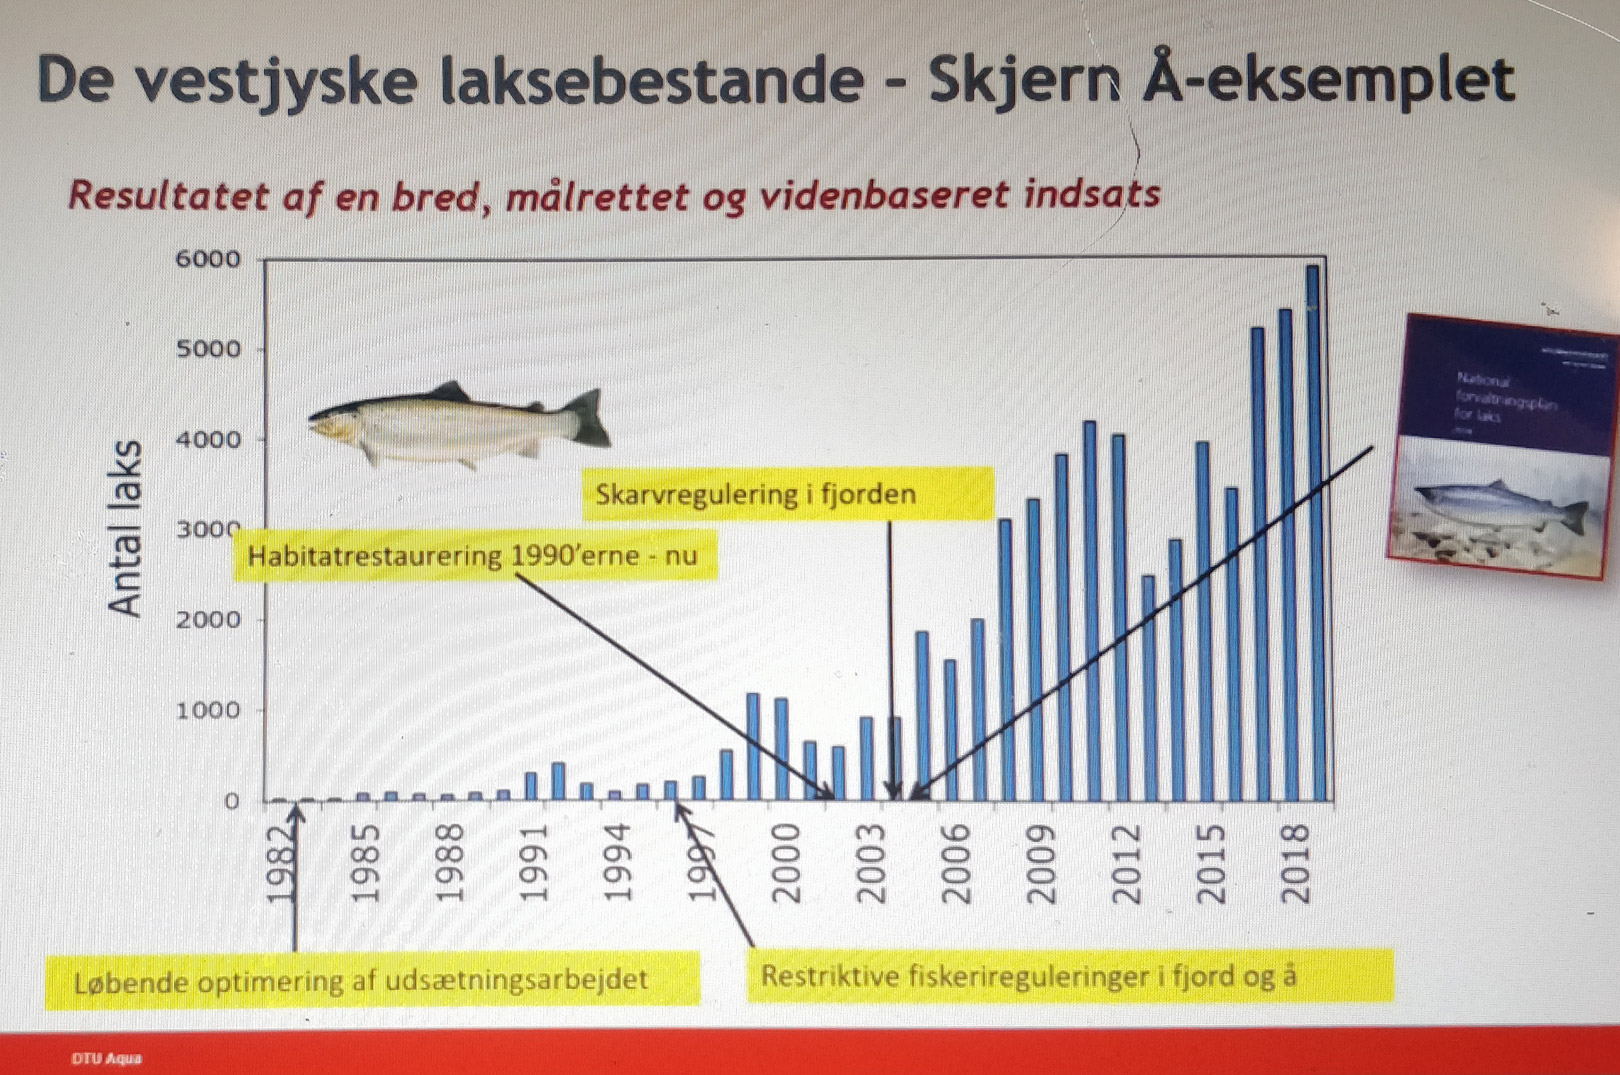 Her kan du se et af de mange slides fra Anders Koeds konklusioner omkring Den Store Lakseundersøgelse.